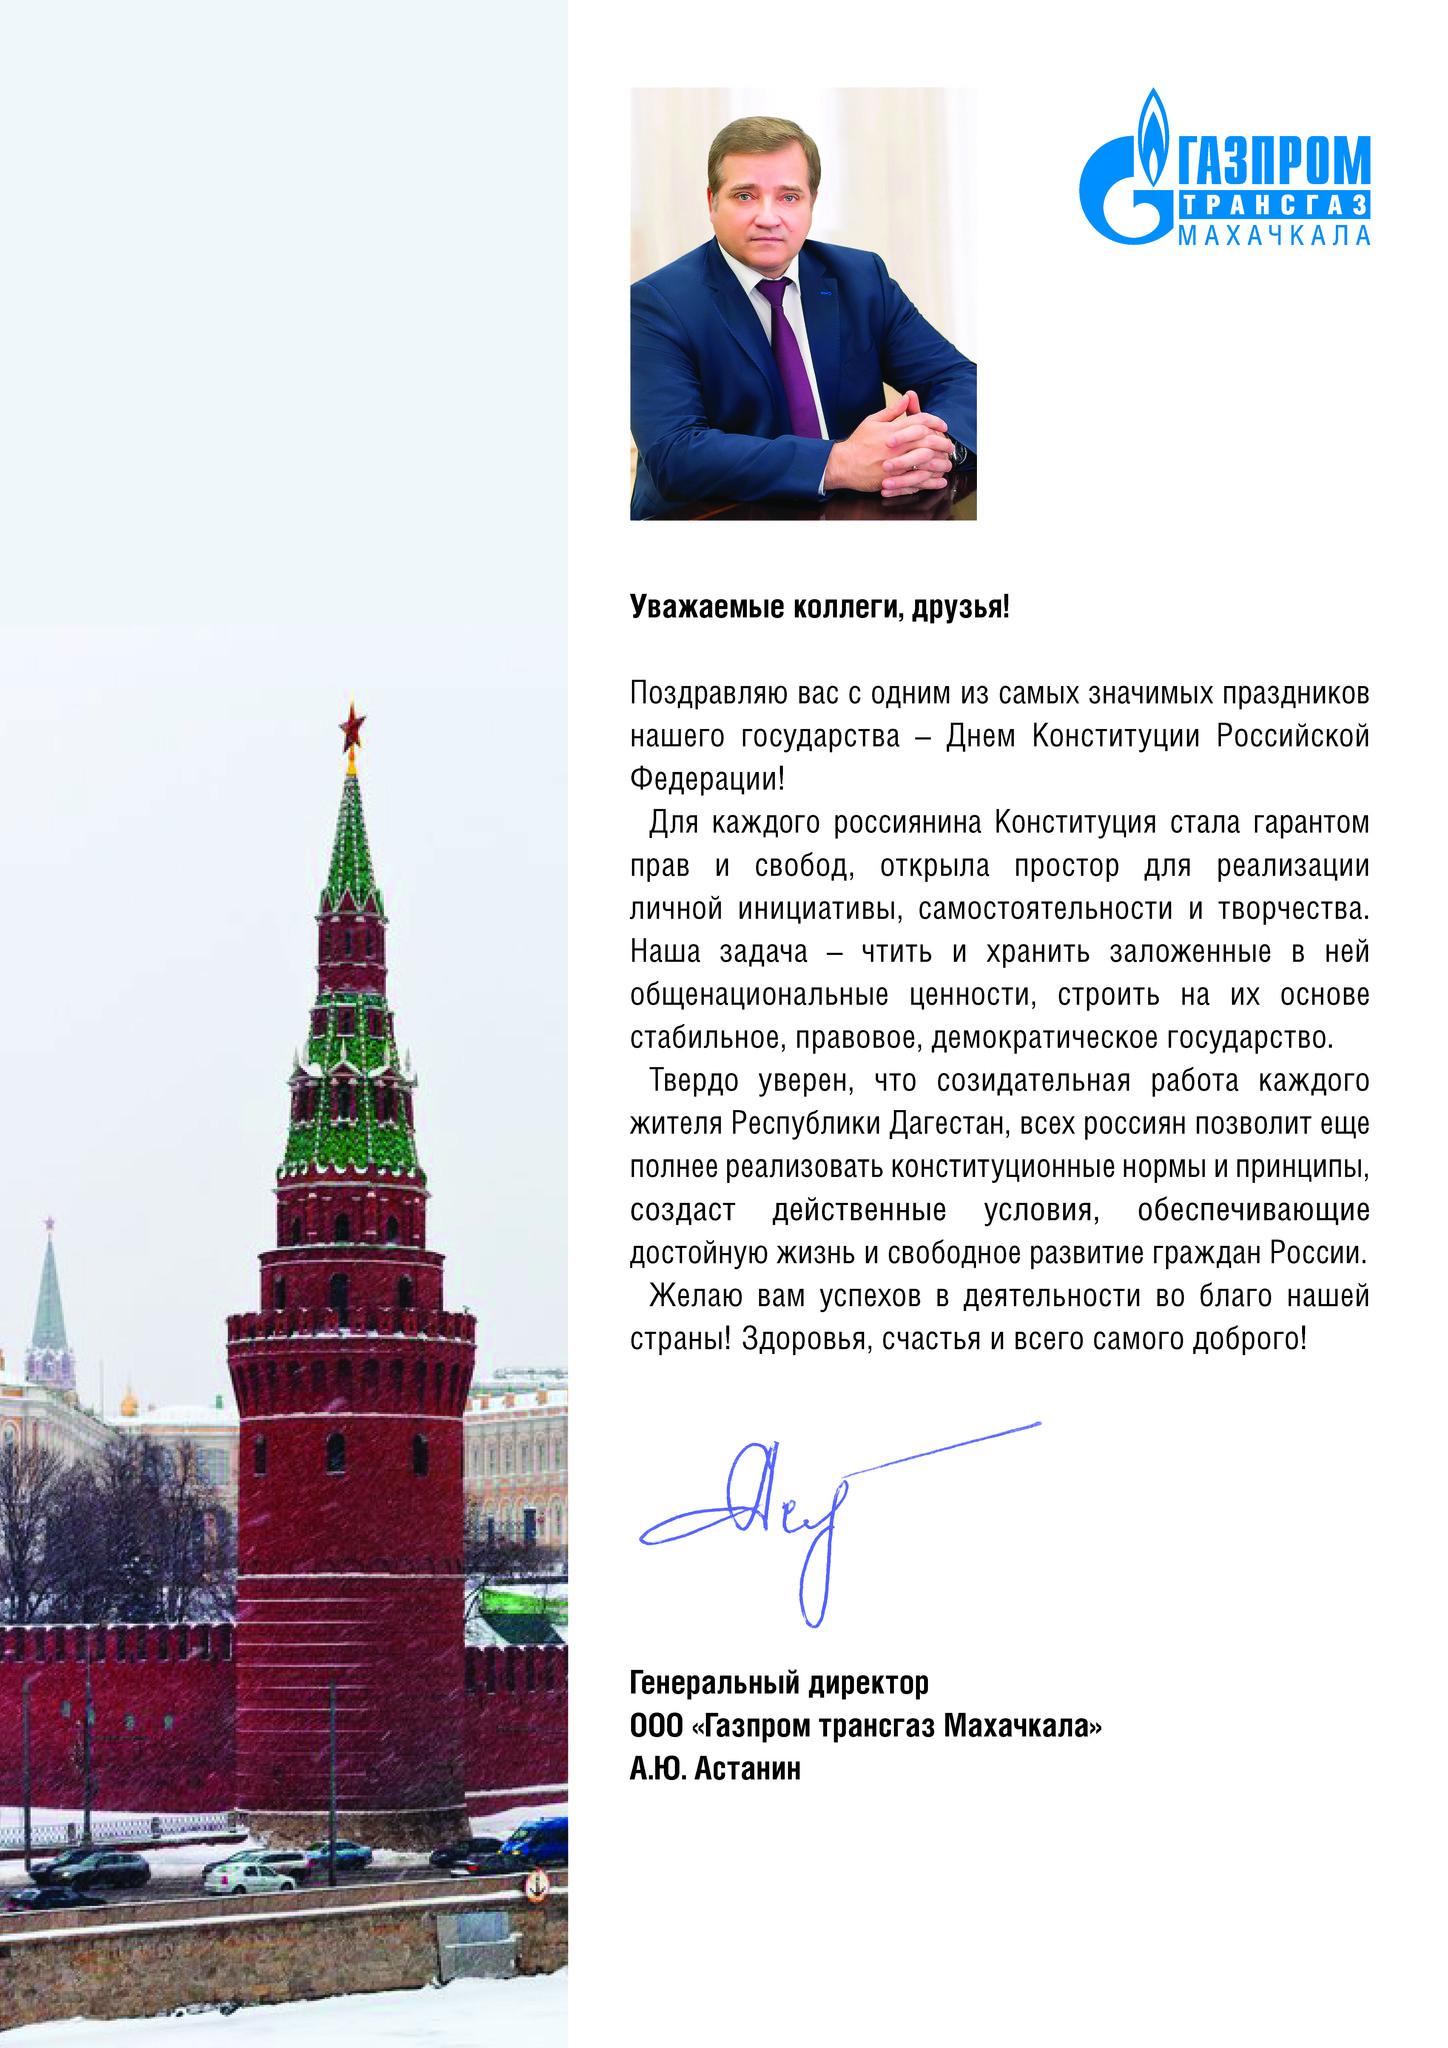 Поздравление с Днем Конституции Российской Федерации!